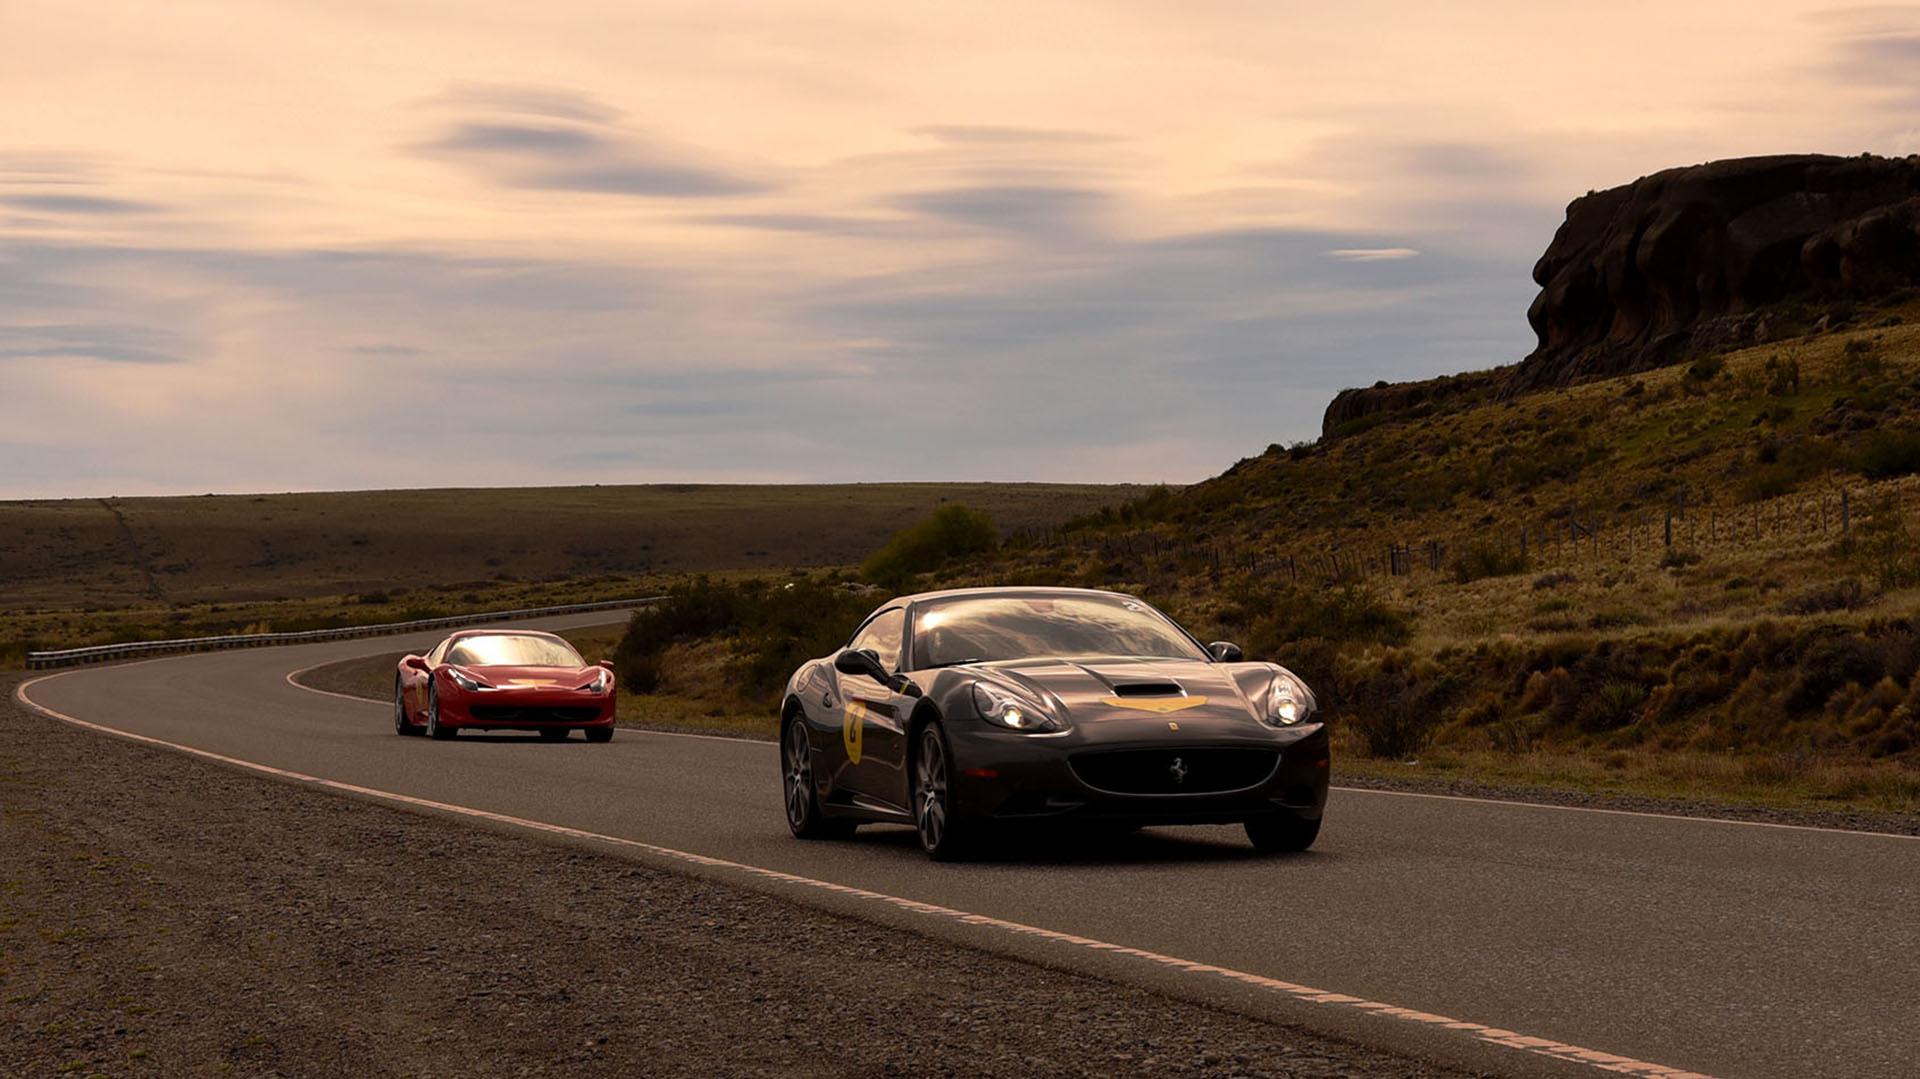 Los modelos California y 458 Italia fueron los más repetidos en la congregación de deportivos Ferrari